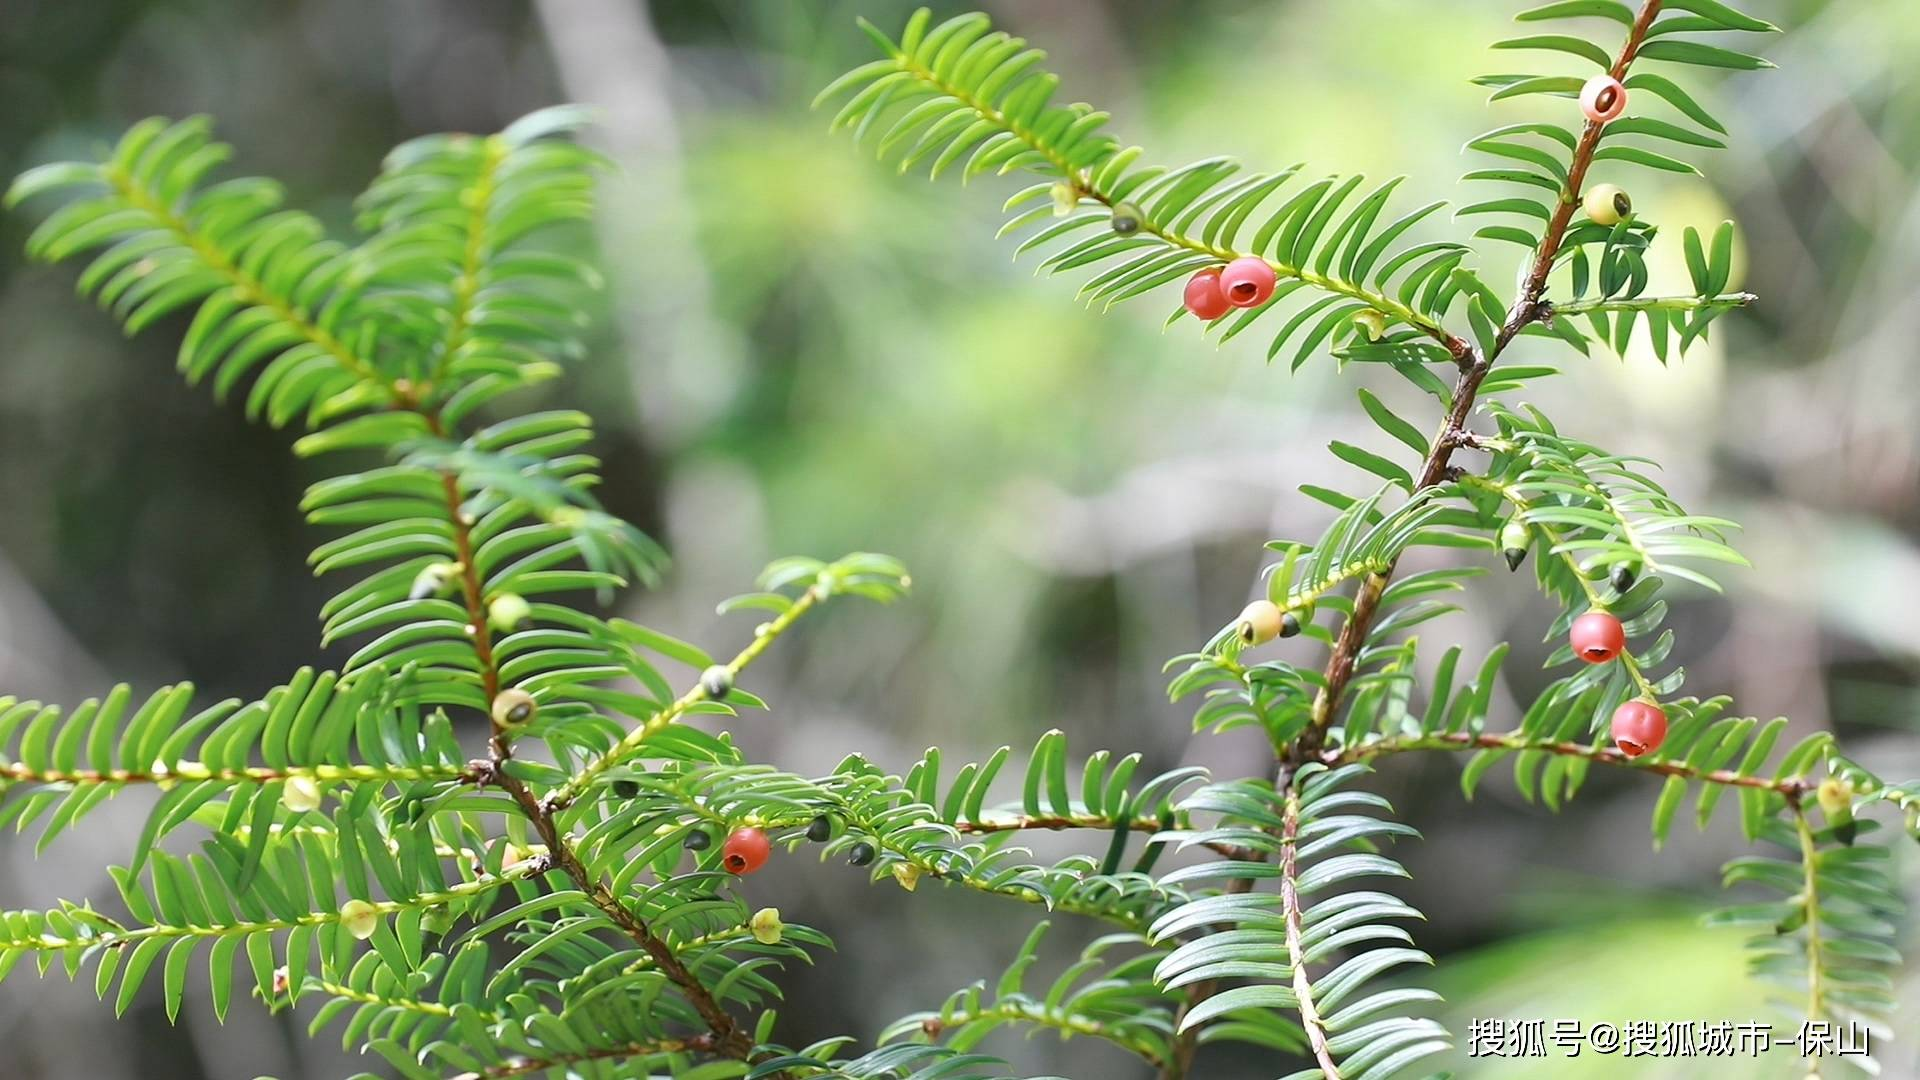 云南施甸:惊现须弥红豆杉 种群树龄逾百年